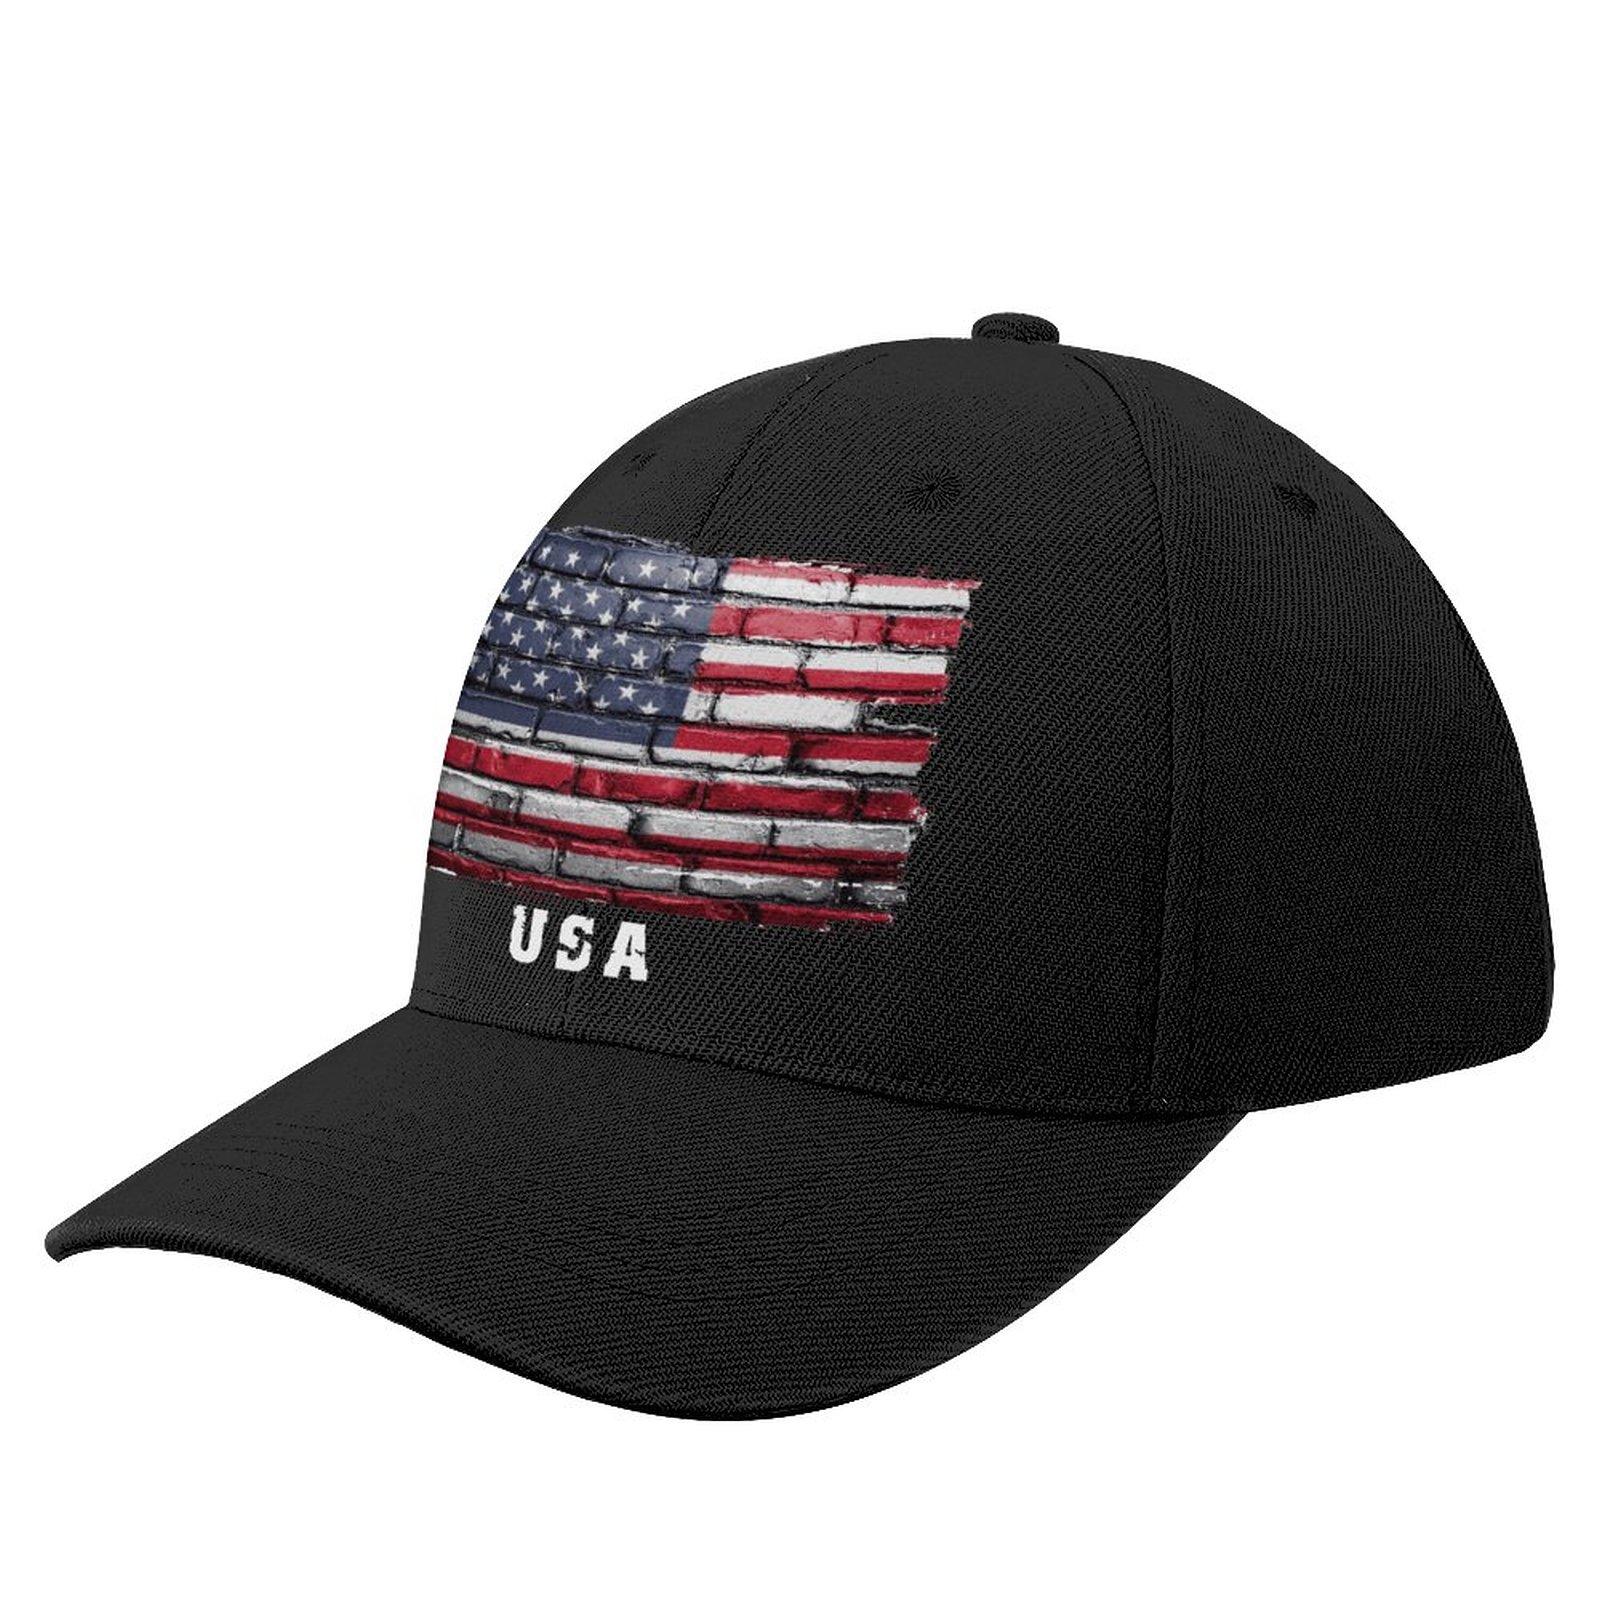 США и флагом Соединенных Штатов кирпичная стена вентиляторы Бейсбол Кепки дикий козырек от солнца остроконечные Шапки Регулируемый Кепки s...